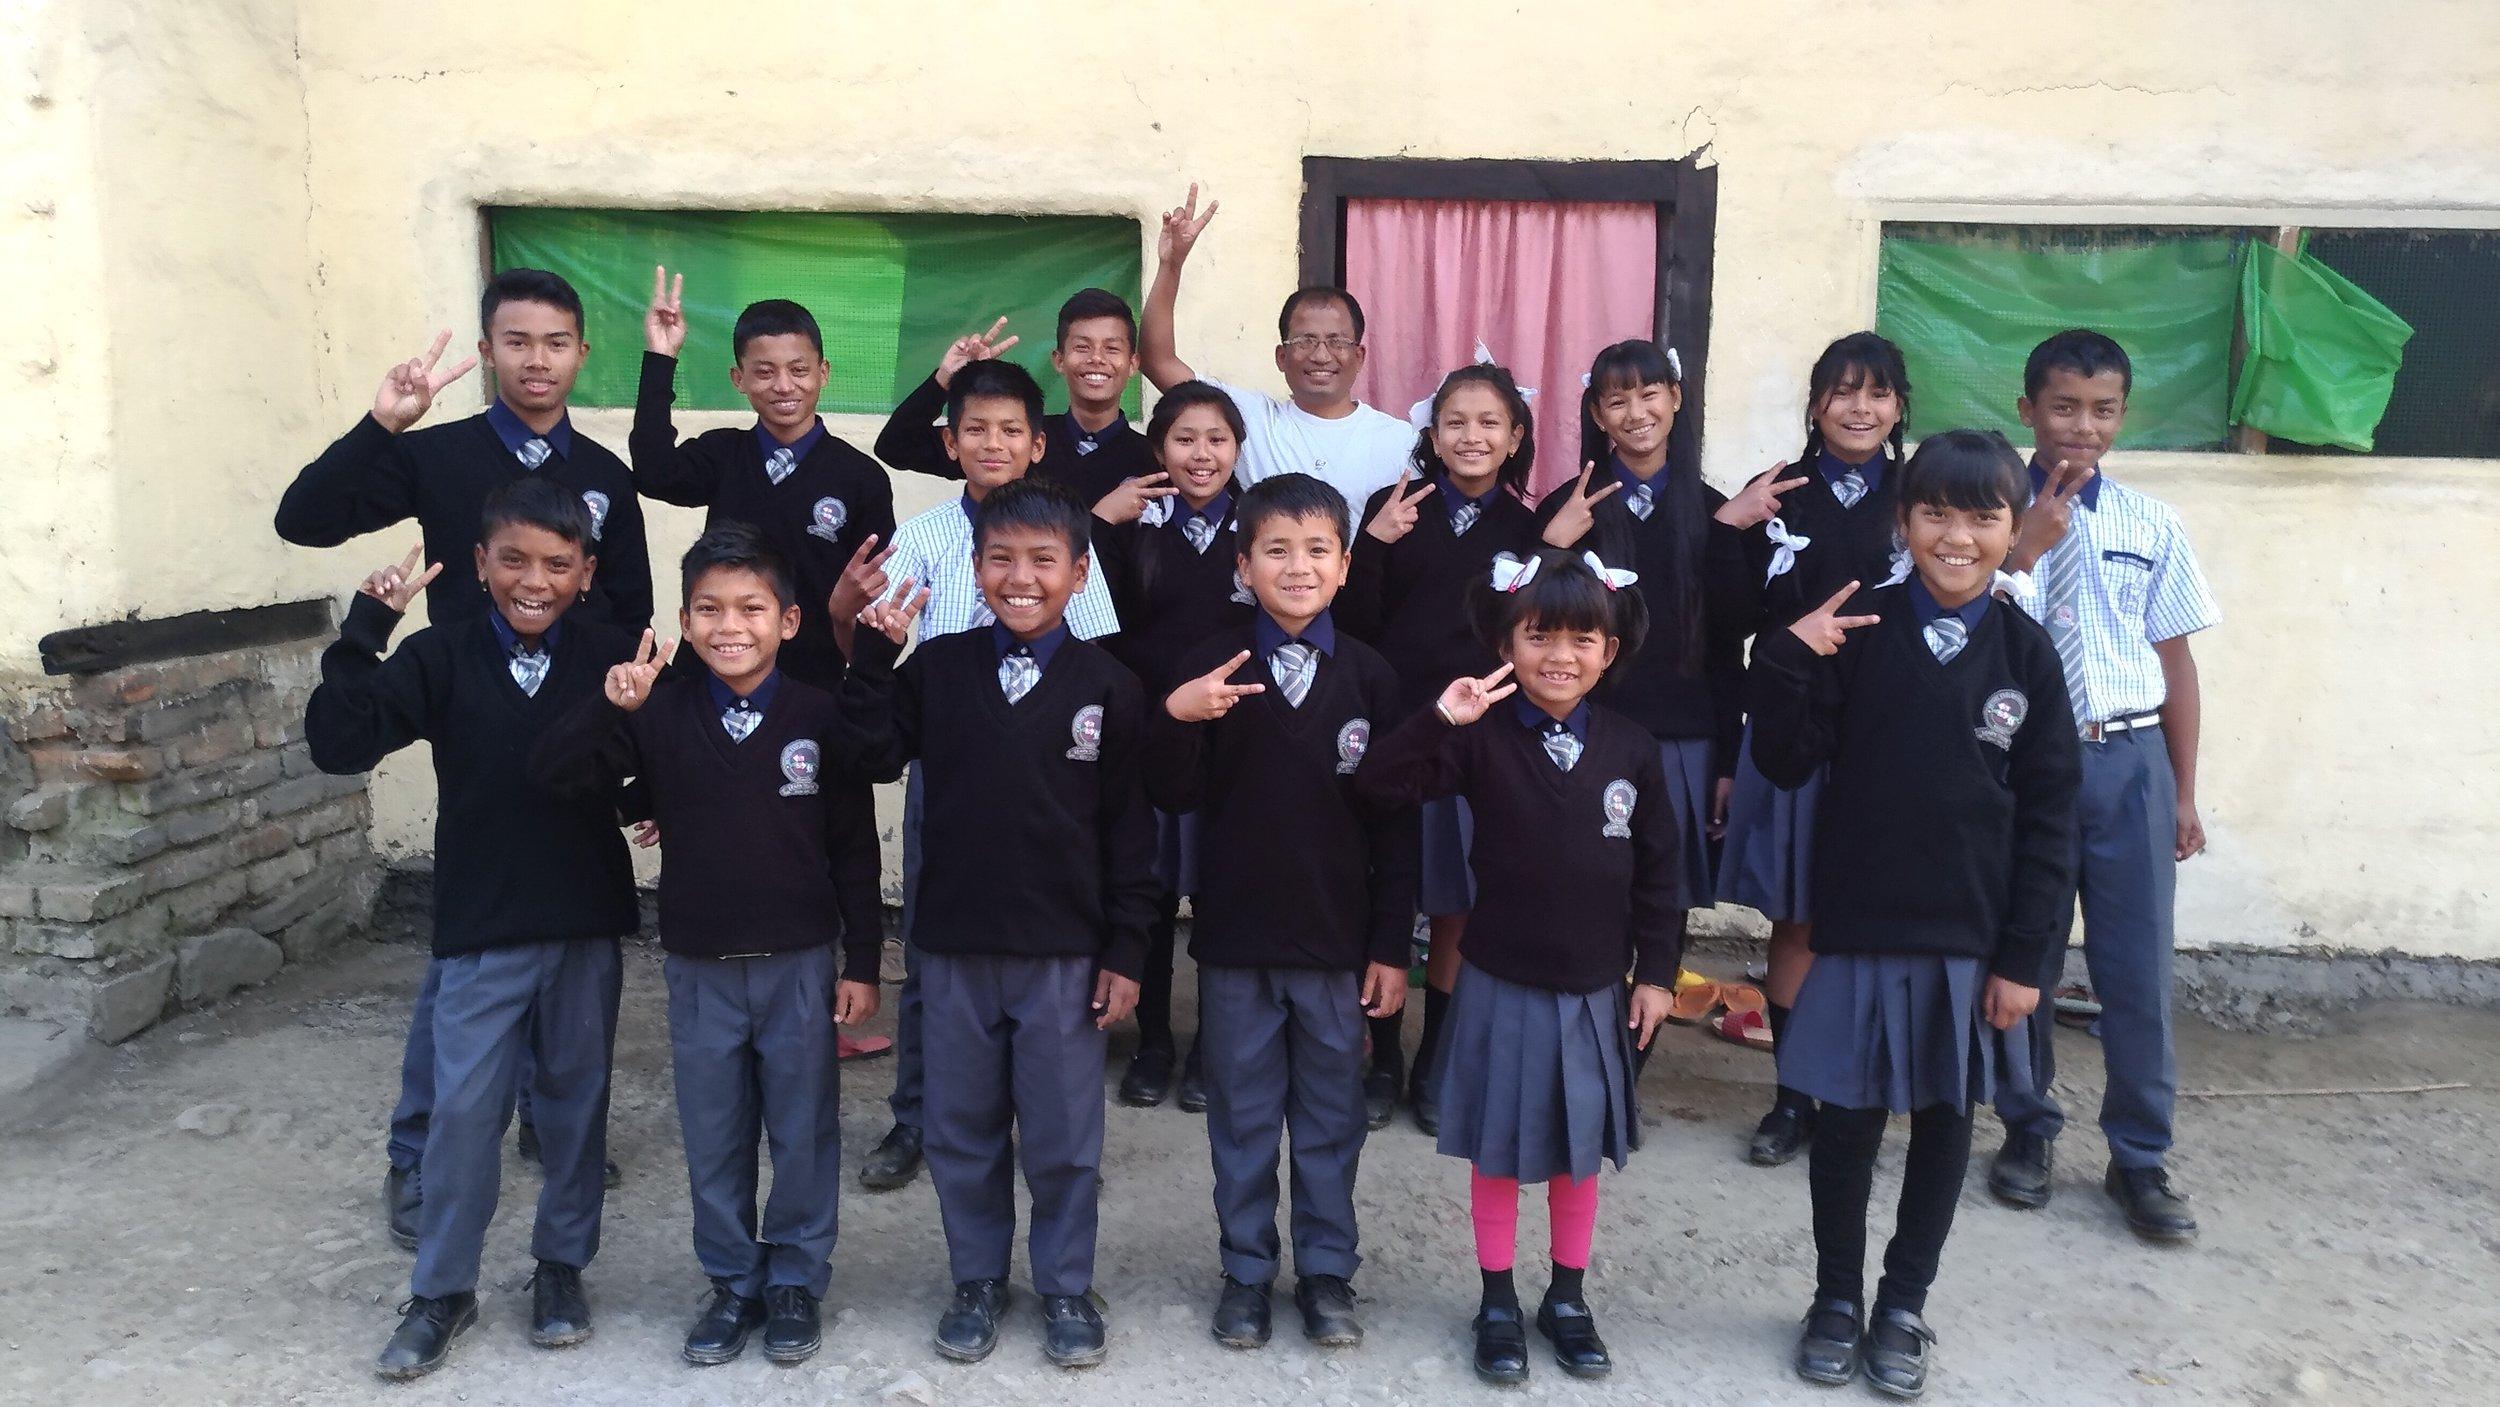 Manipur Home kids in school uniforms 2-2017.jpg